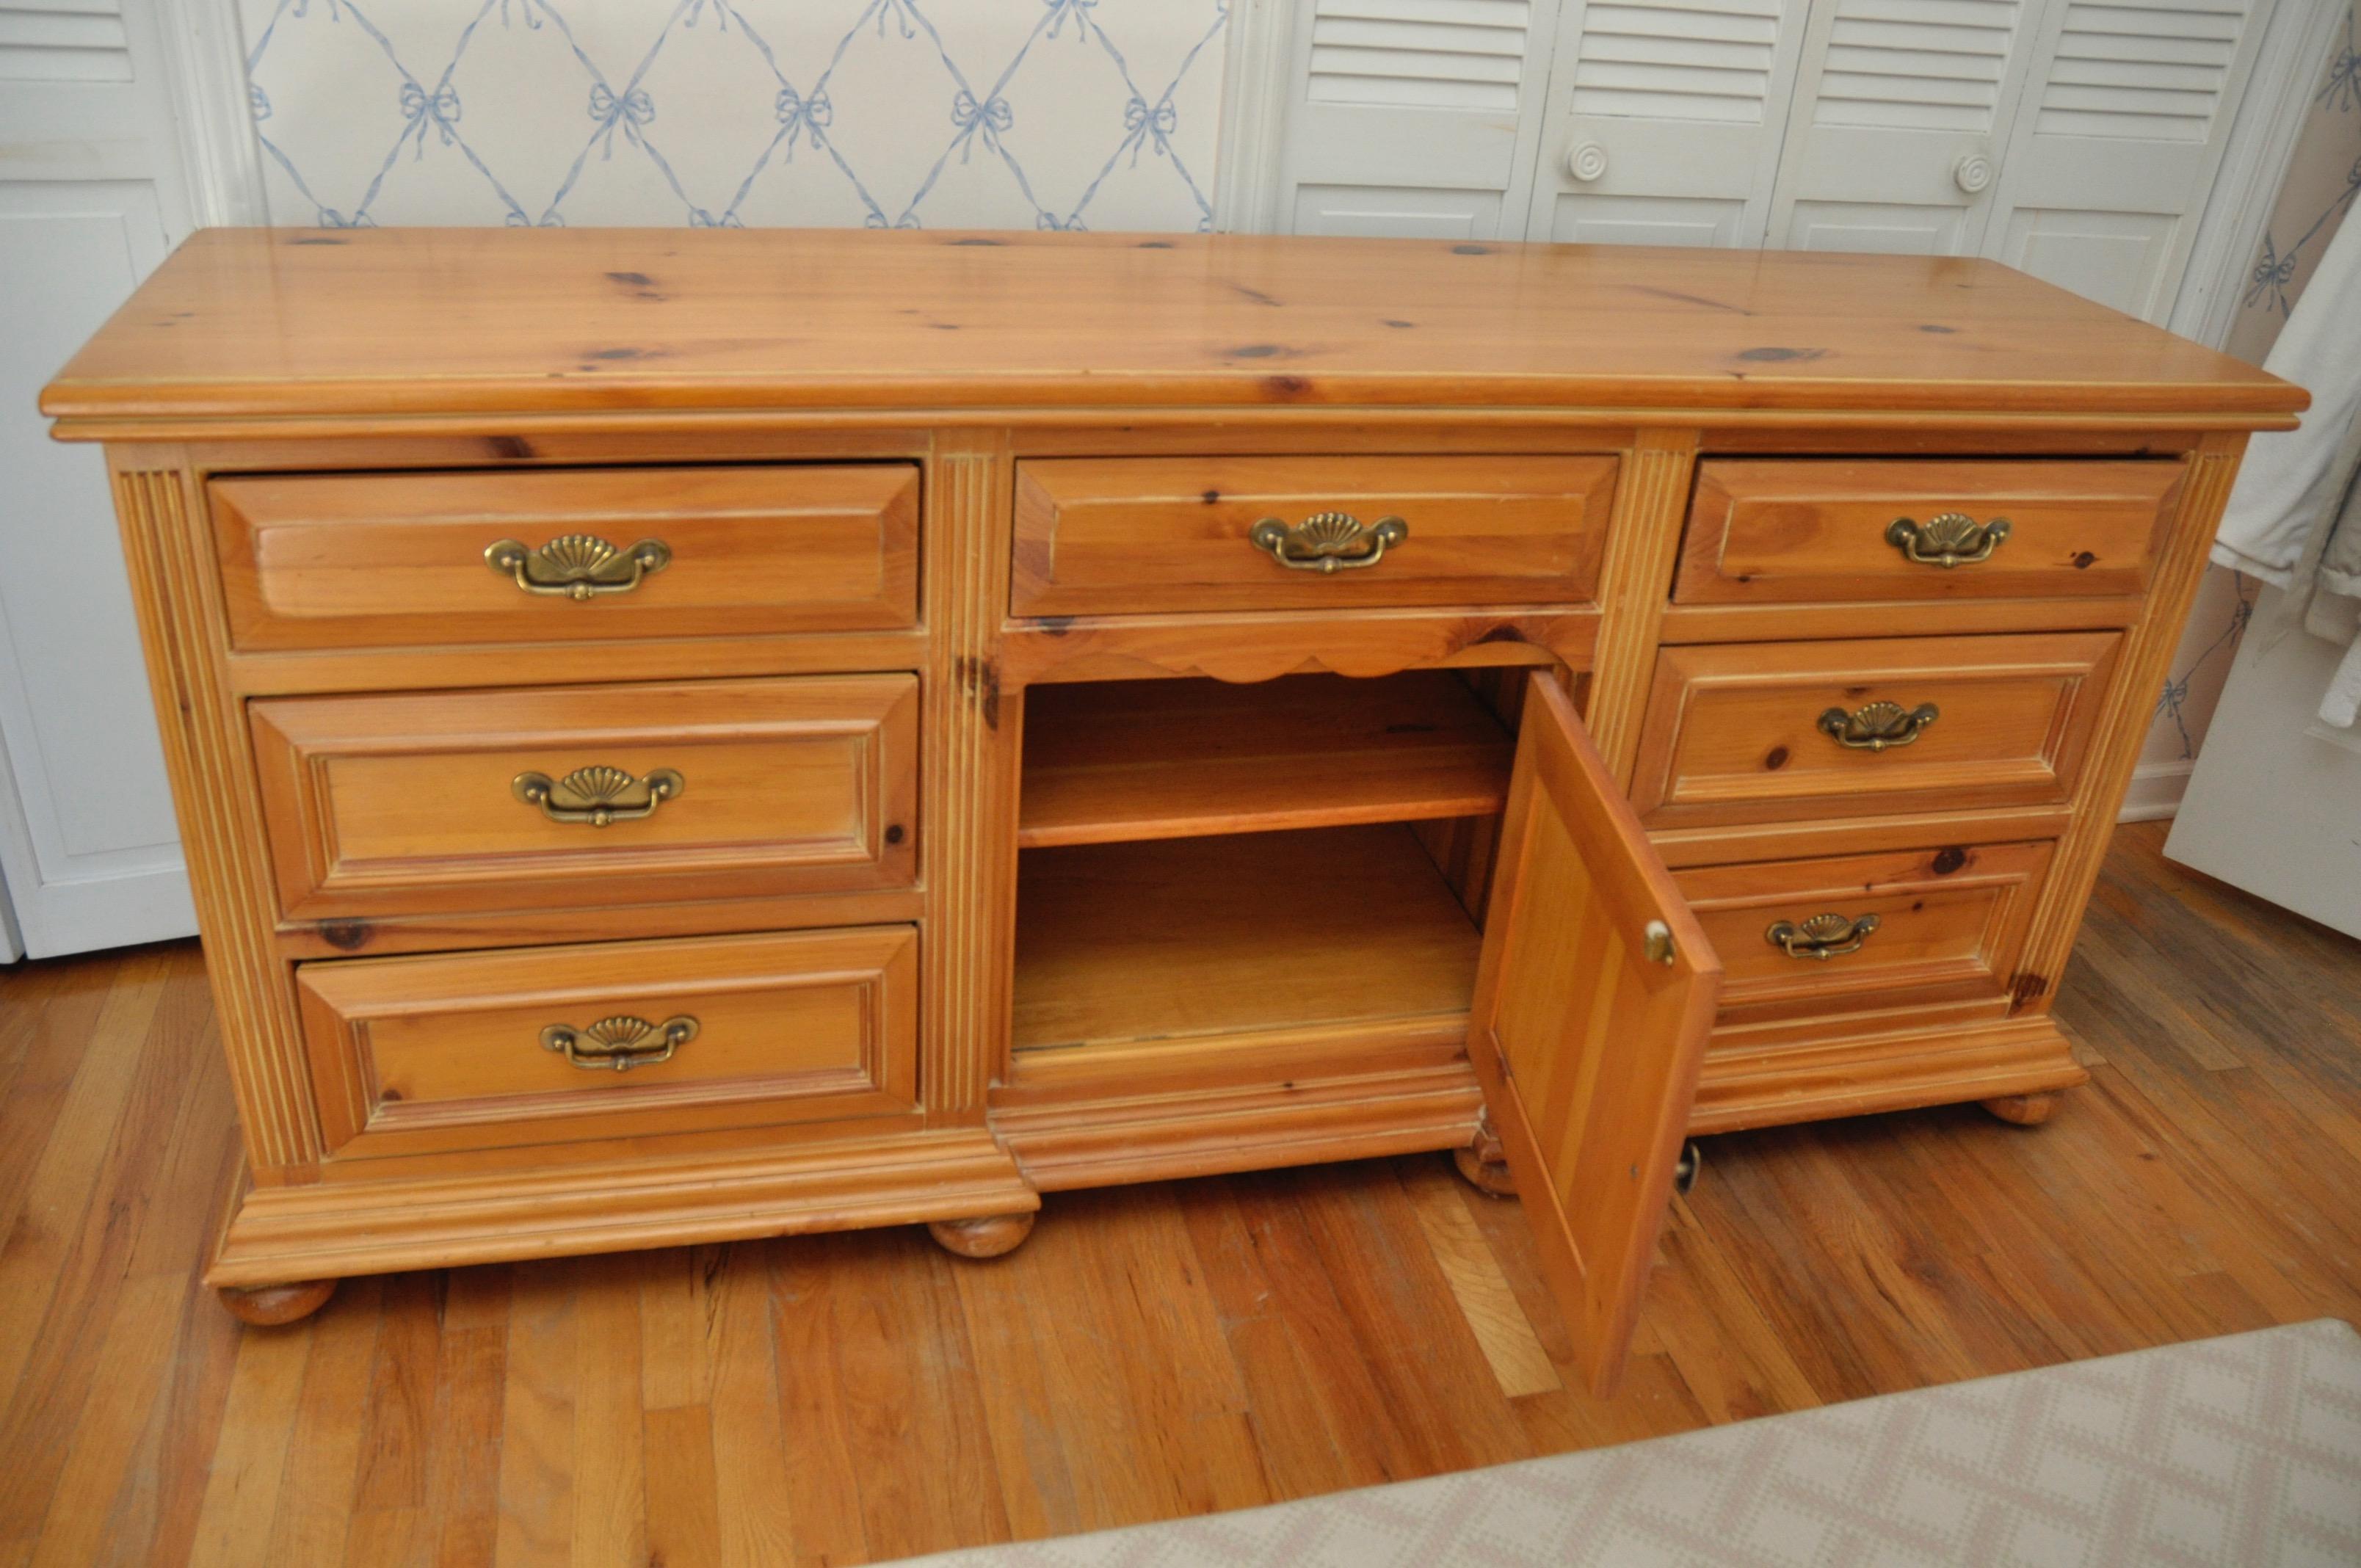 Link Taylor Lexington Furniture Wide Dresser For Sale   Image 7 Of 7